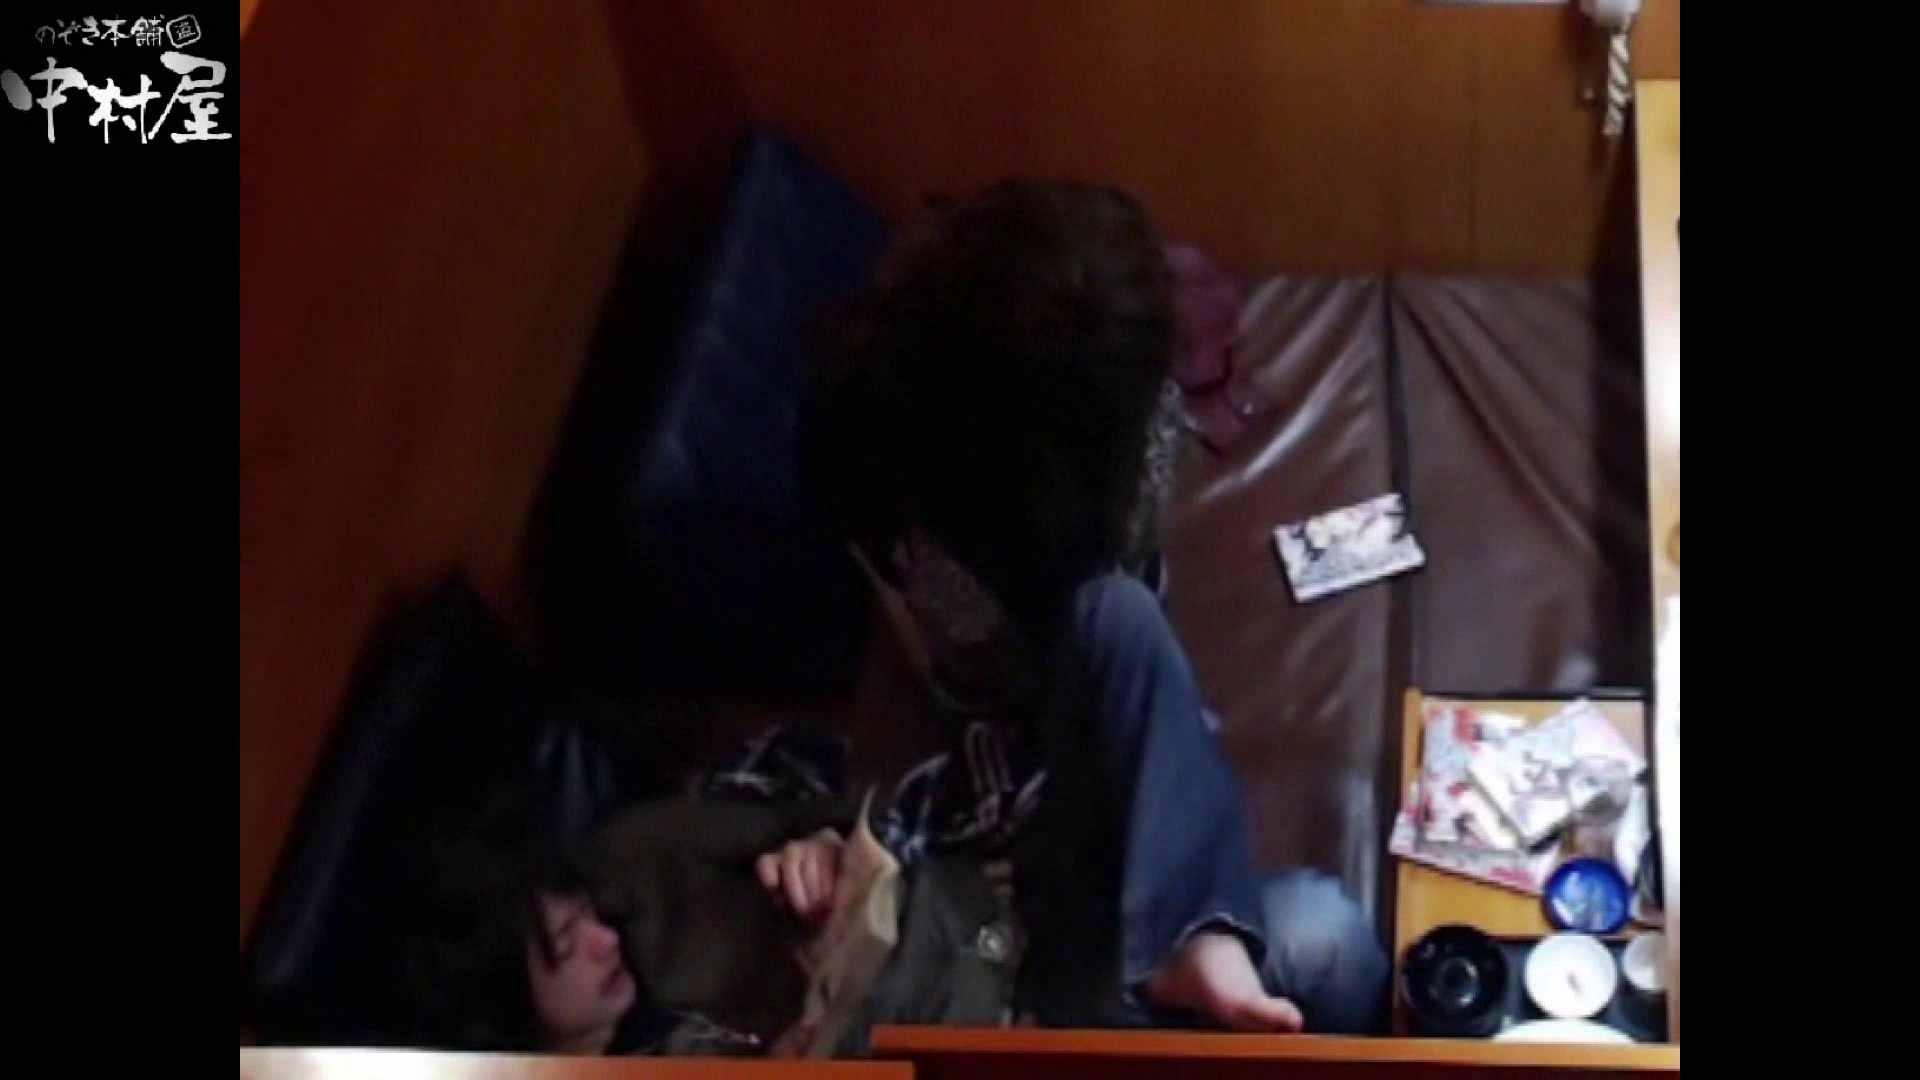 ネットカフェ盗撮師トロントさんの 素人カップル盗撮記vol.4 ギャルの下半身 盗撮動画紹介 102連発 20